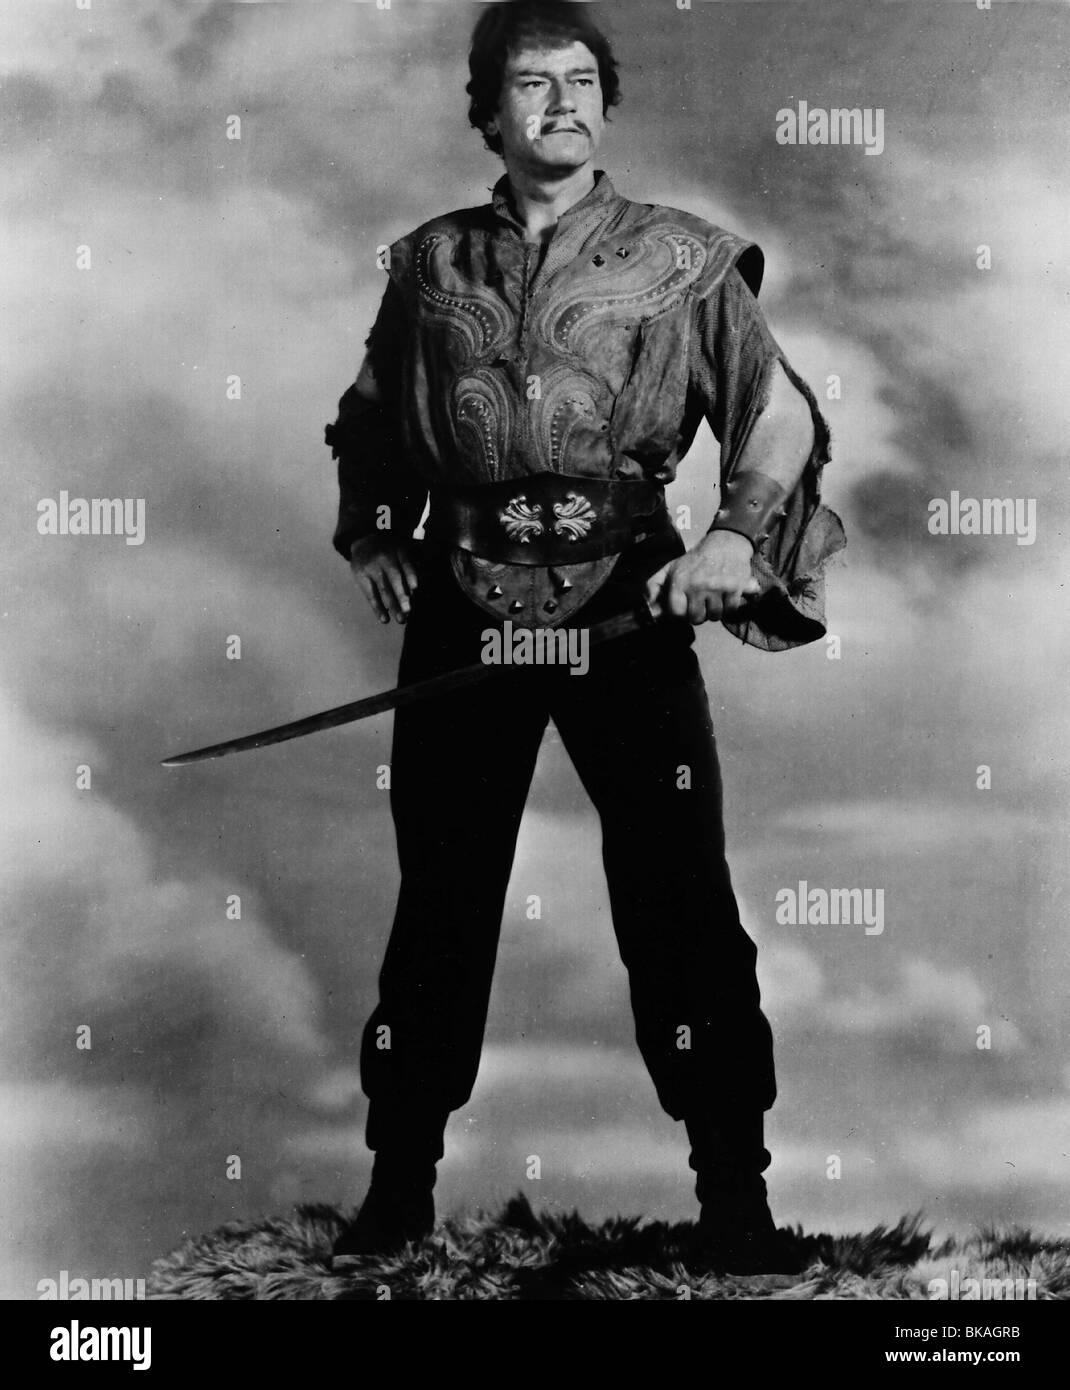 THE CONQUEROR (1955) JOHN WAYNE CONQ 001P - Stock Image